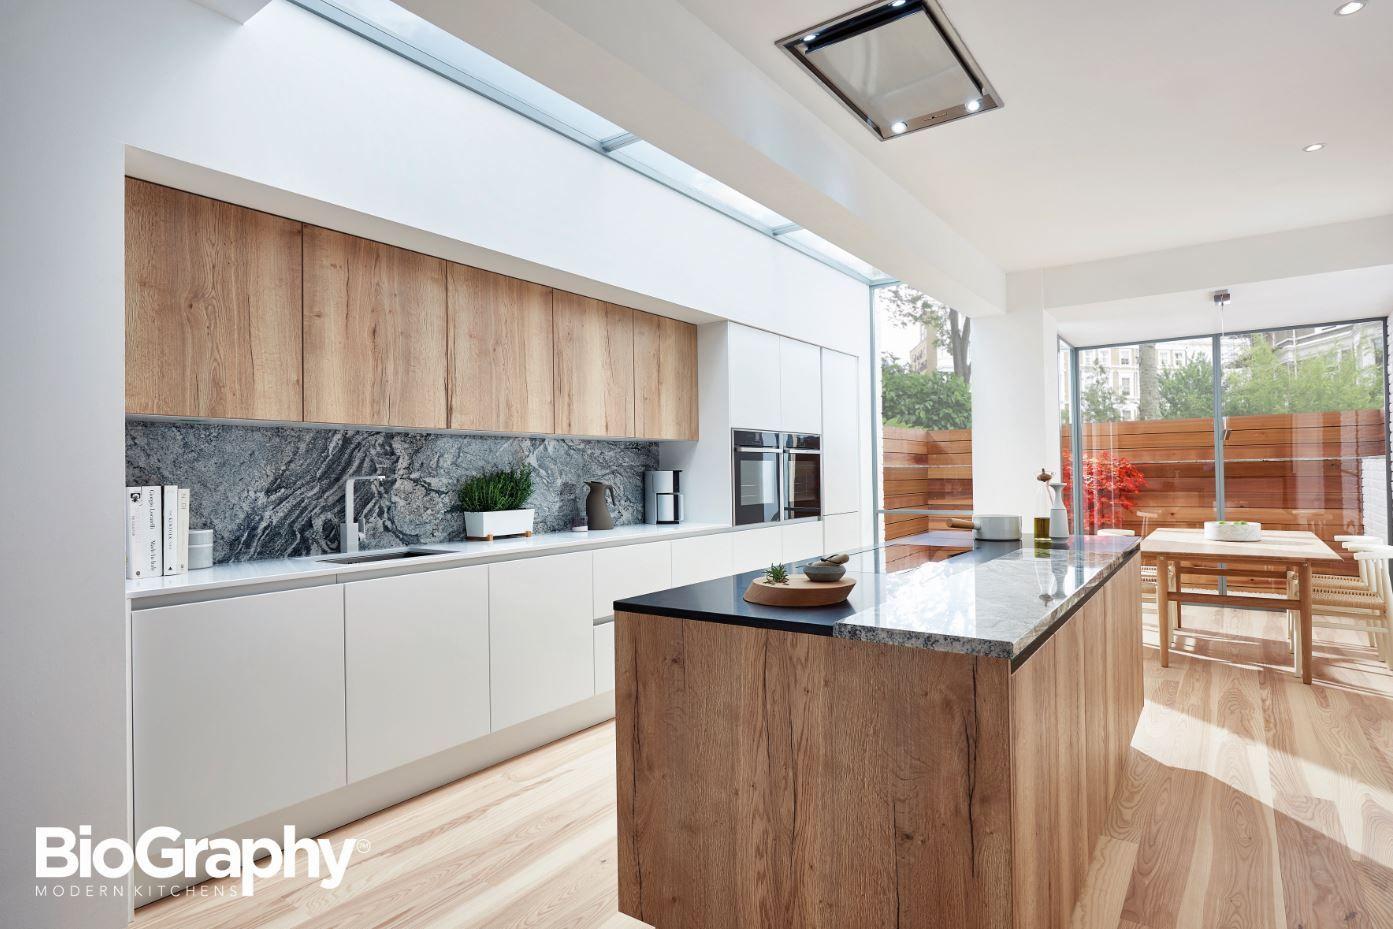 Elegant Porter Matt White And Reclaimed Oak Handleless Rail Doors From BioGraphy  Kitchens. Design Inspirations